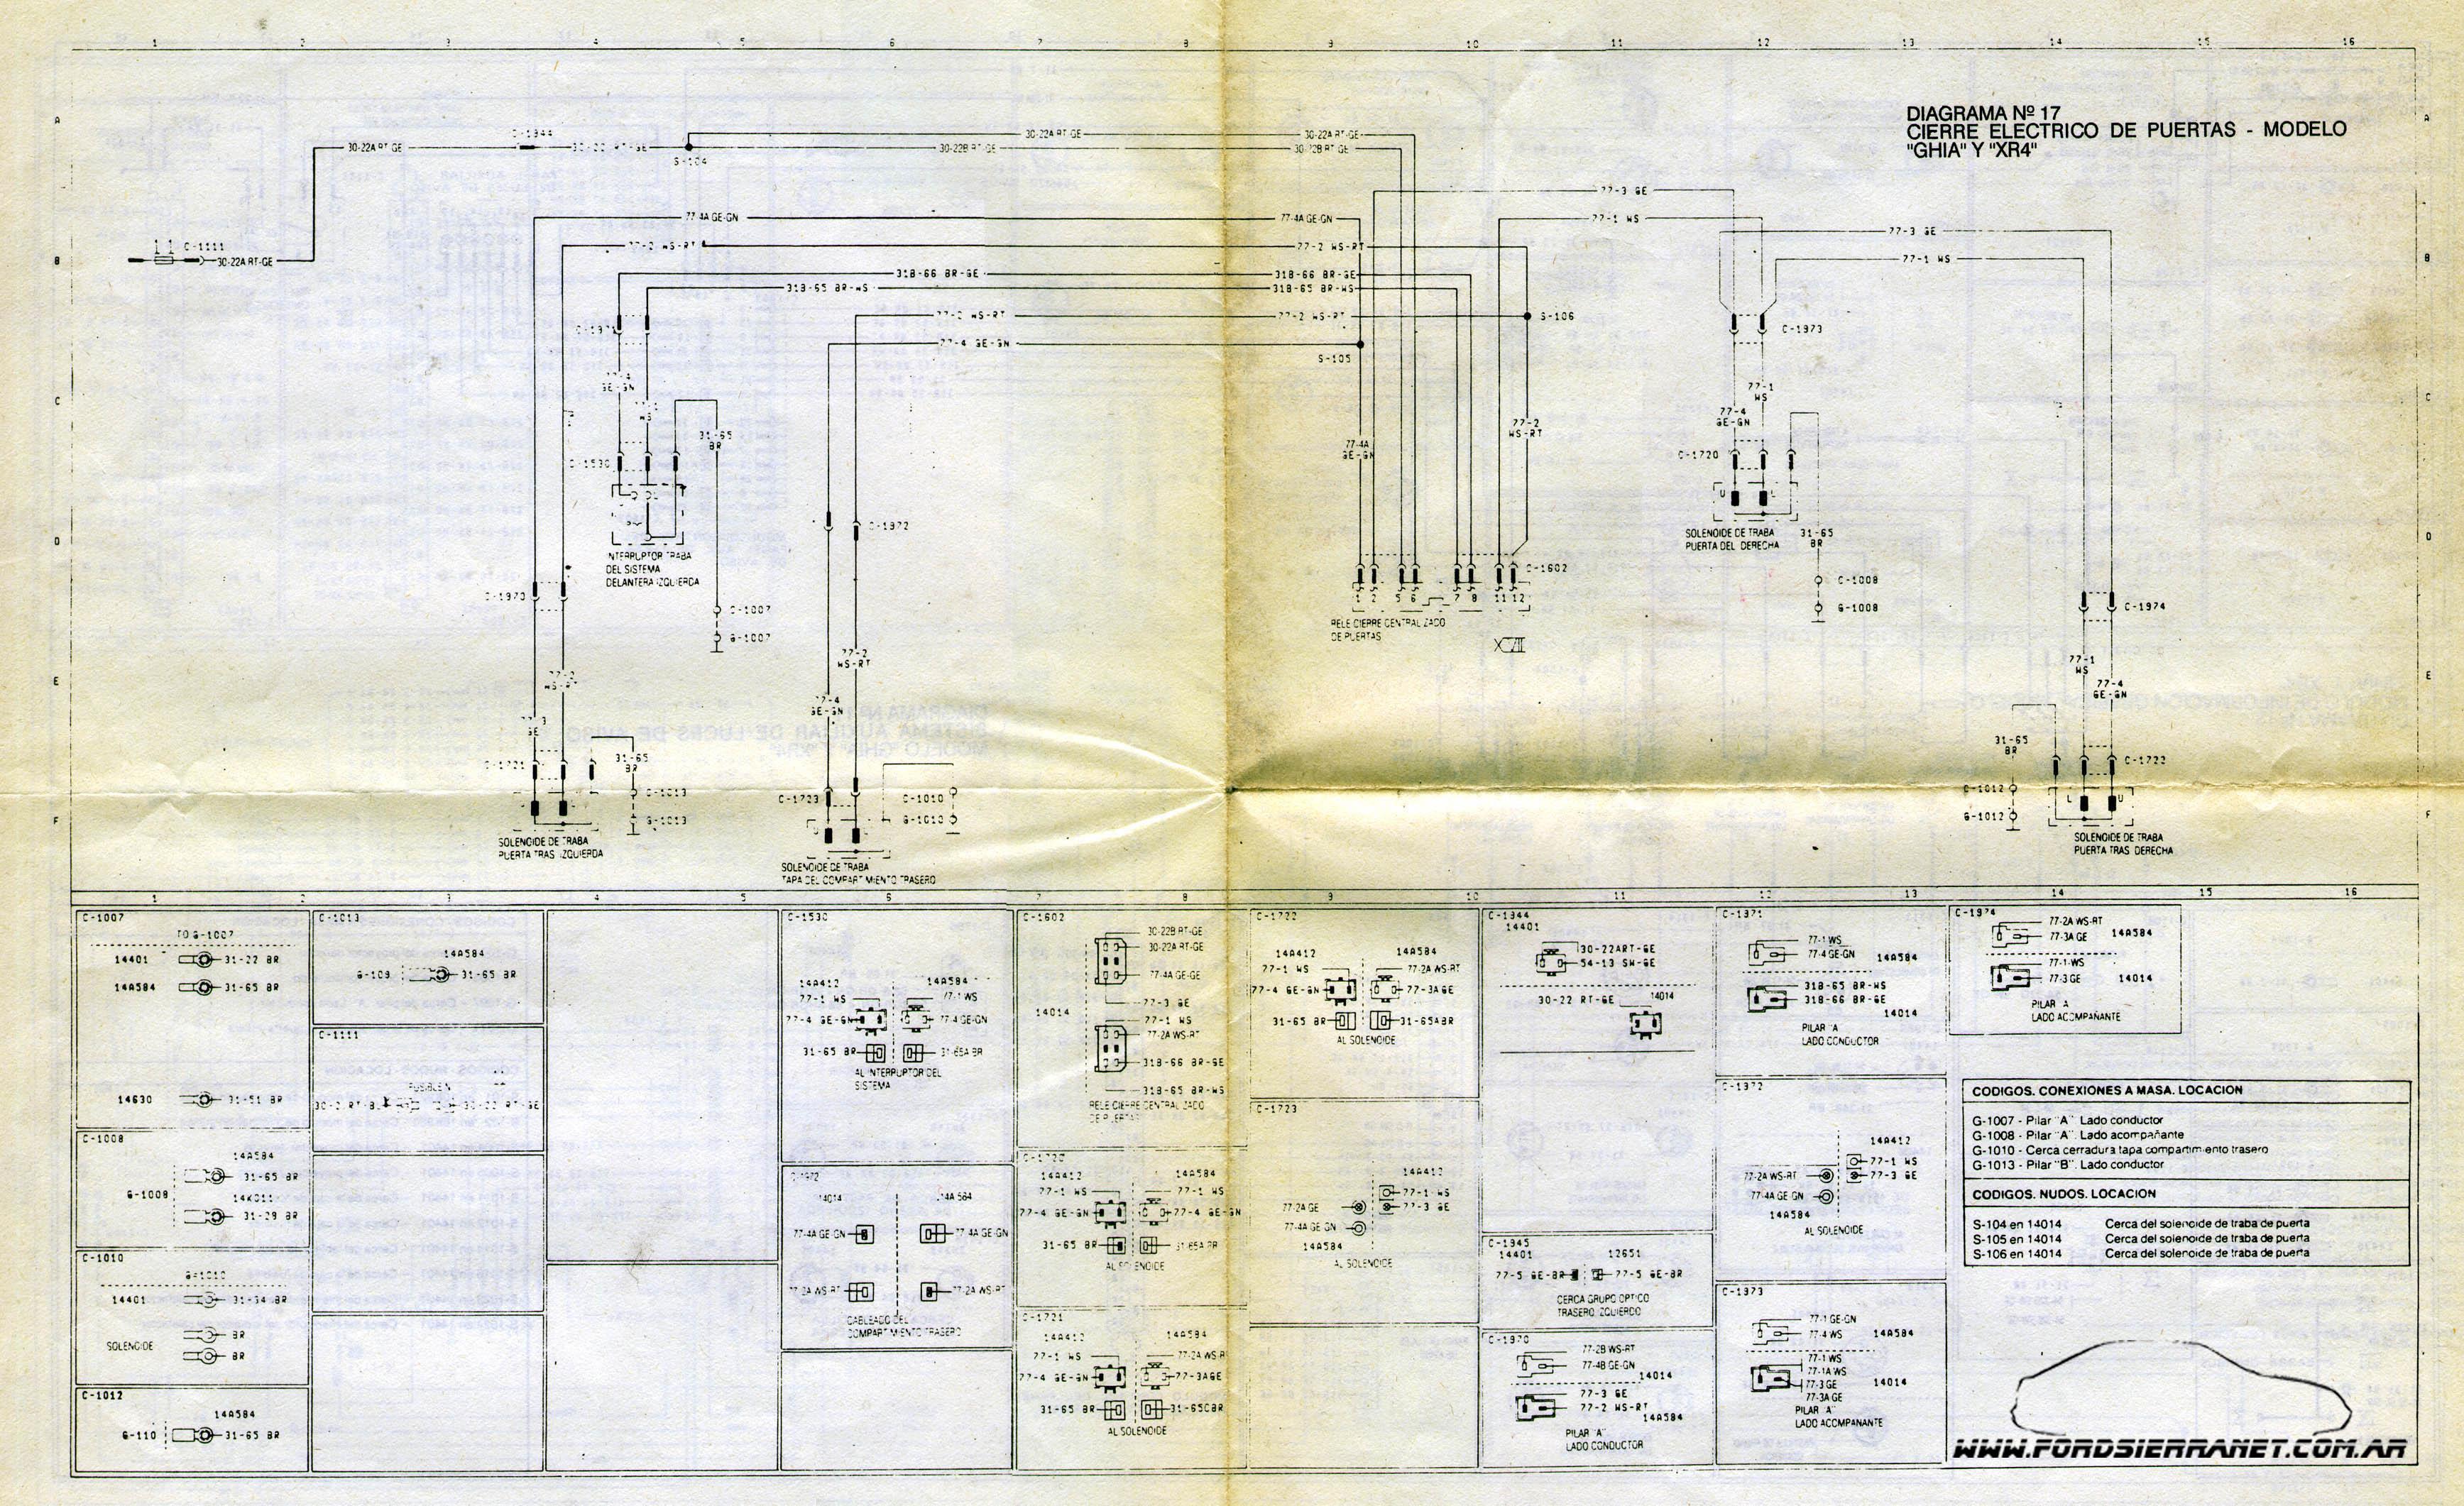 Diagrama Electrico Ford Galaxy 94